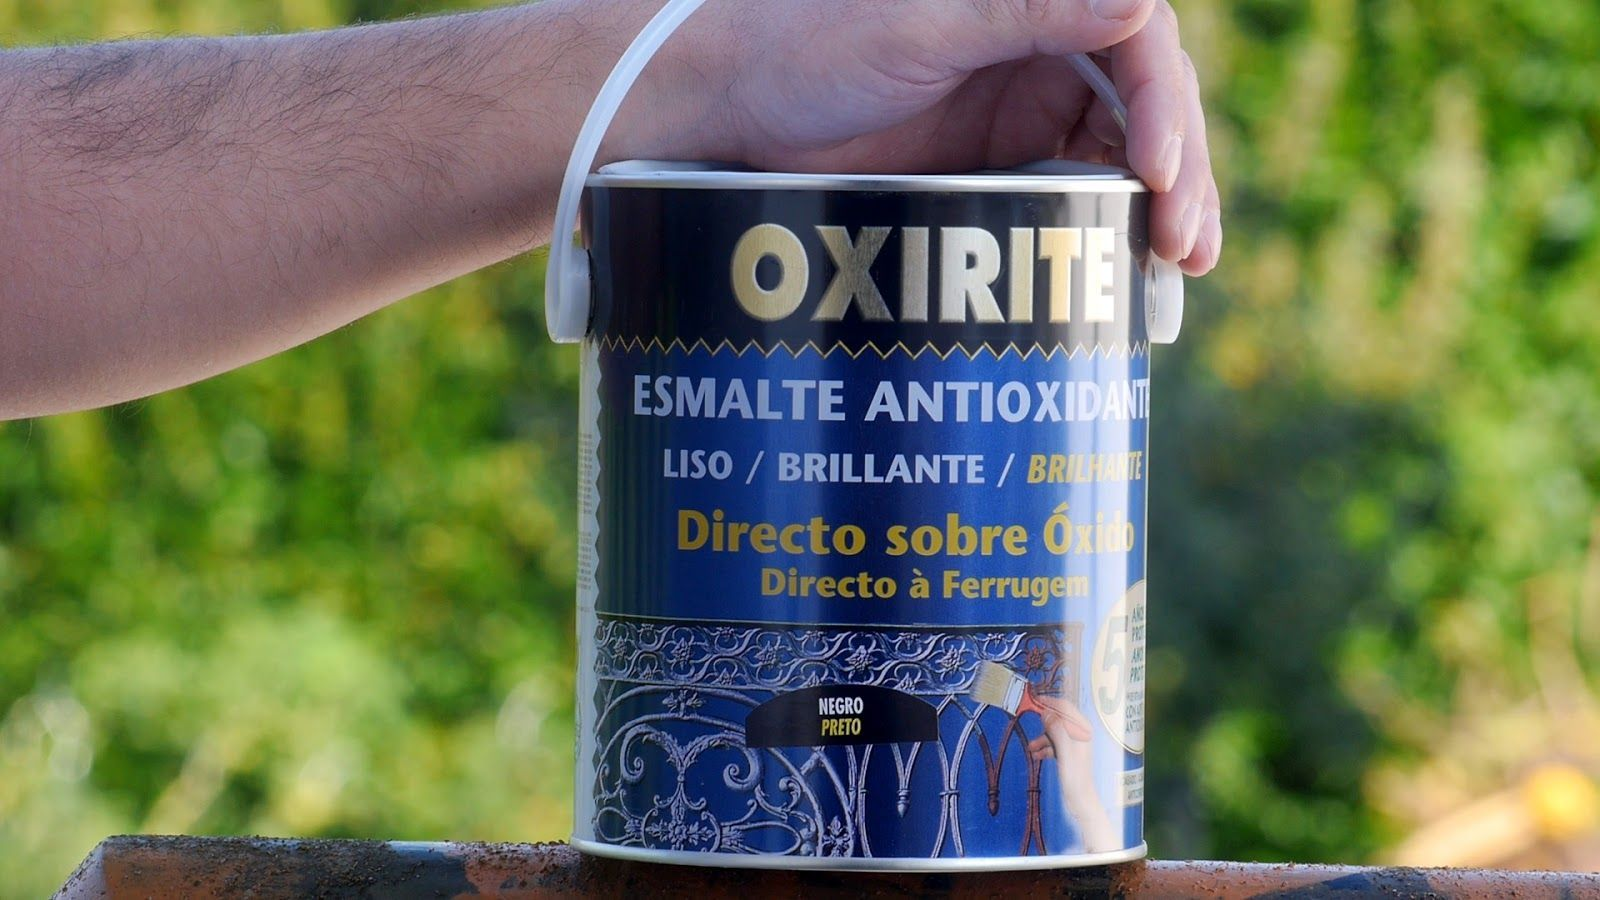 Esmalte antióxido para aplicar directo sobre el óxido